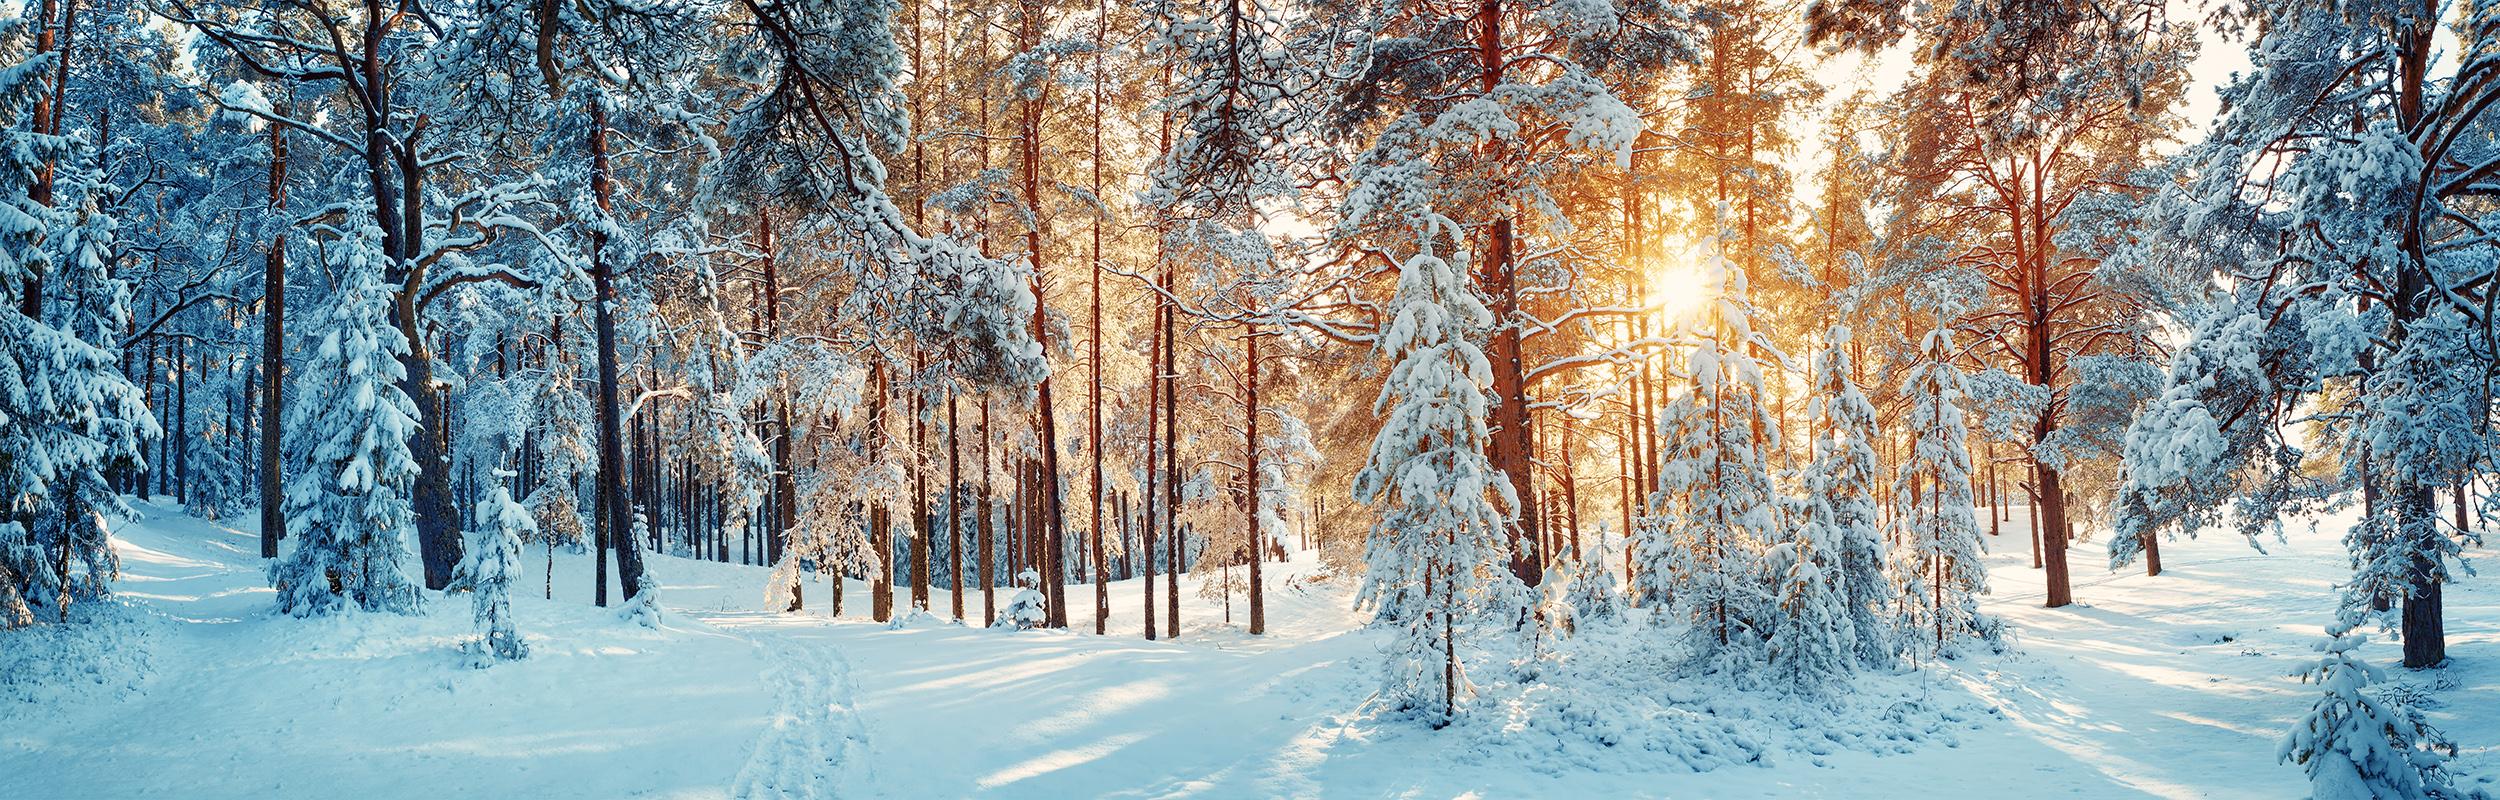 Slider_2_Schnee